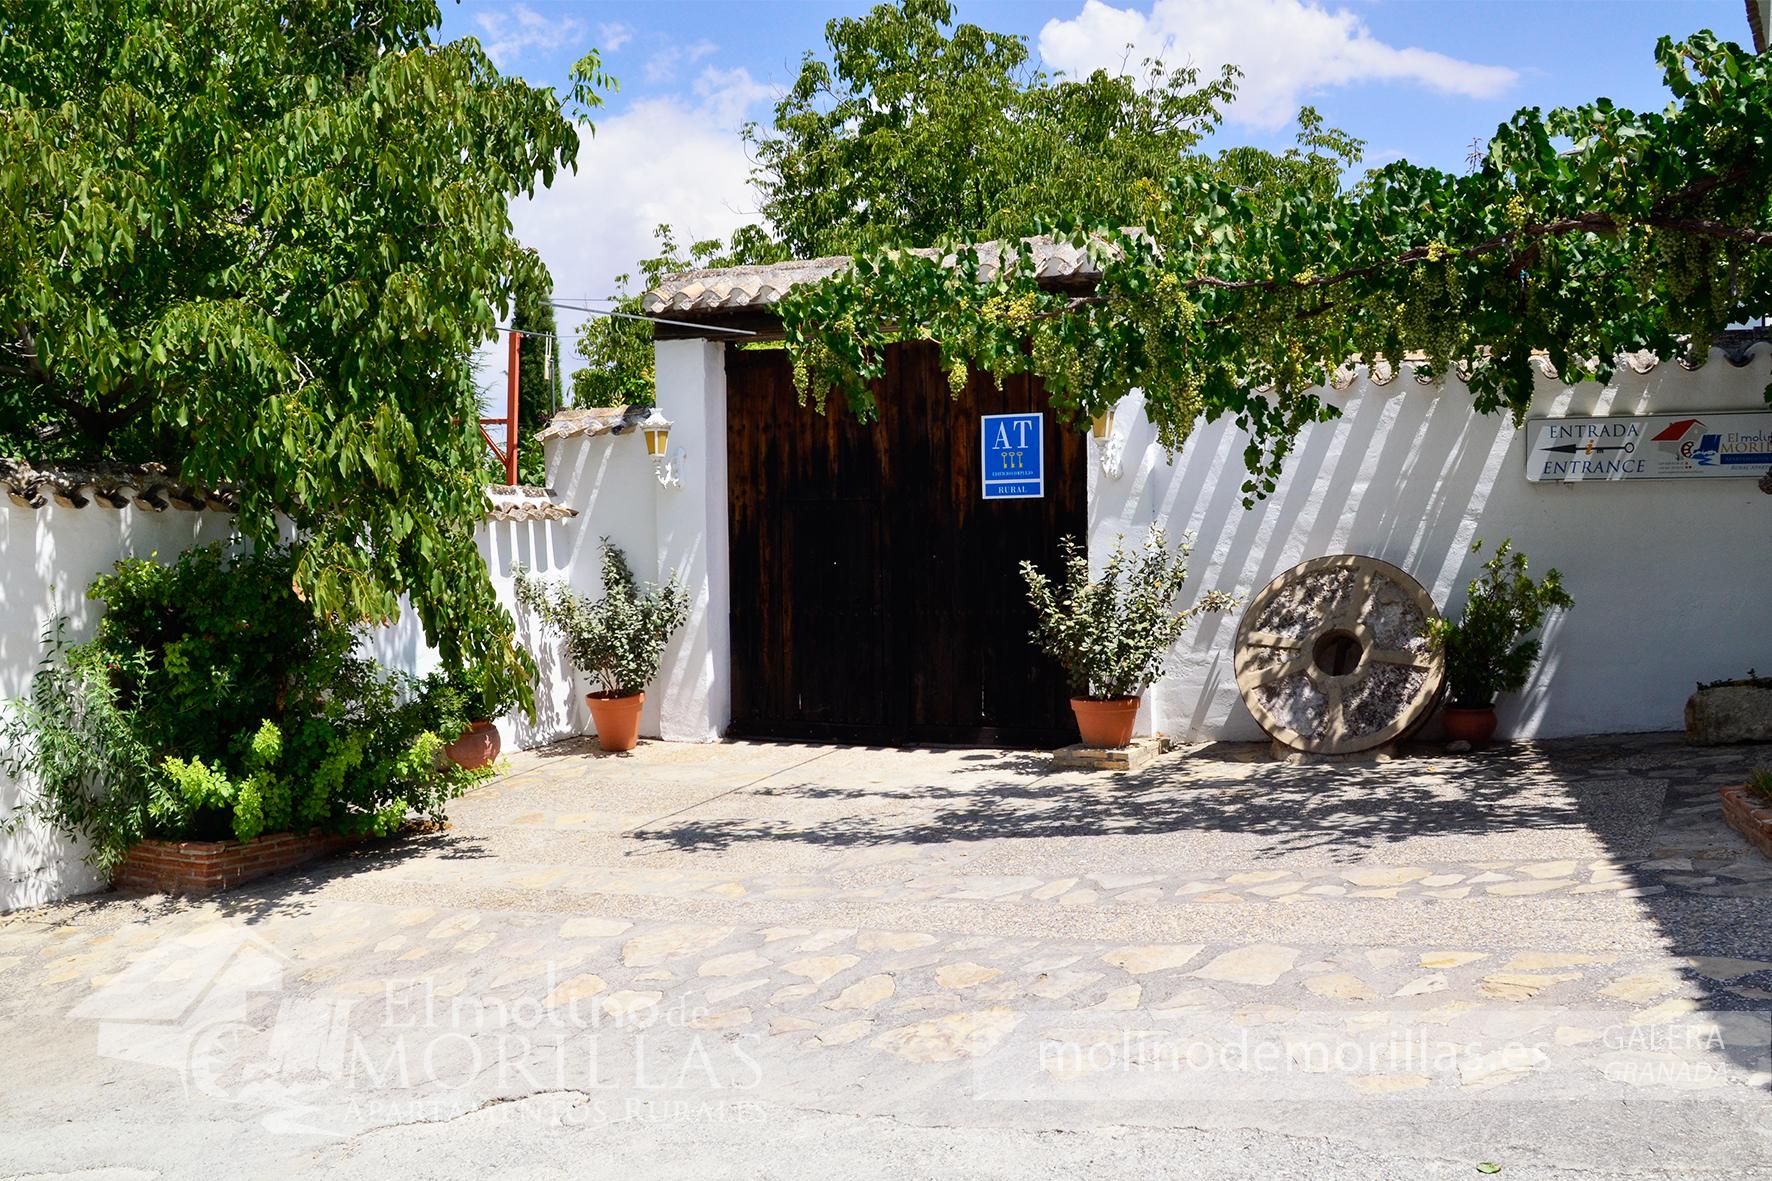 Bienvenid@s a El Molino de Morillas